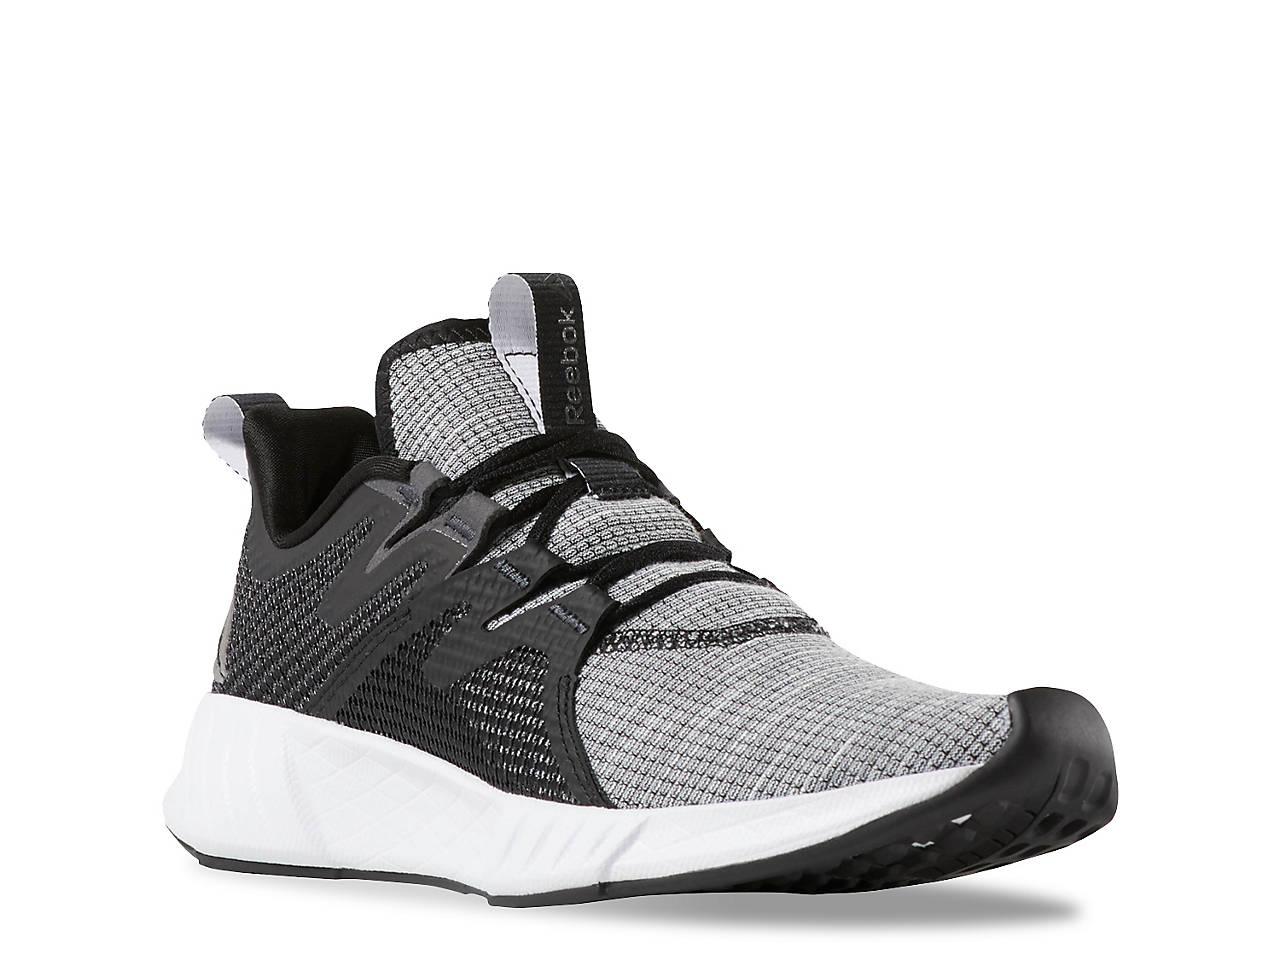 a7c072209 Reebok Fusium Run 2.0 Running Shoe - Women s Women s Shoes